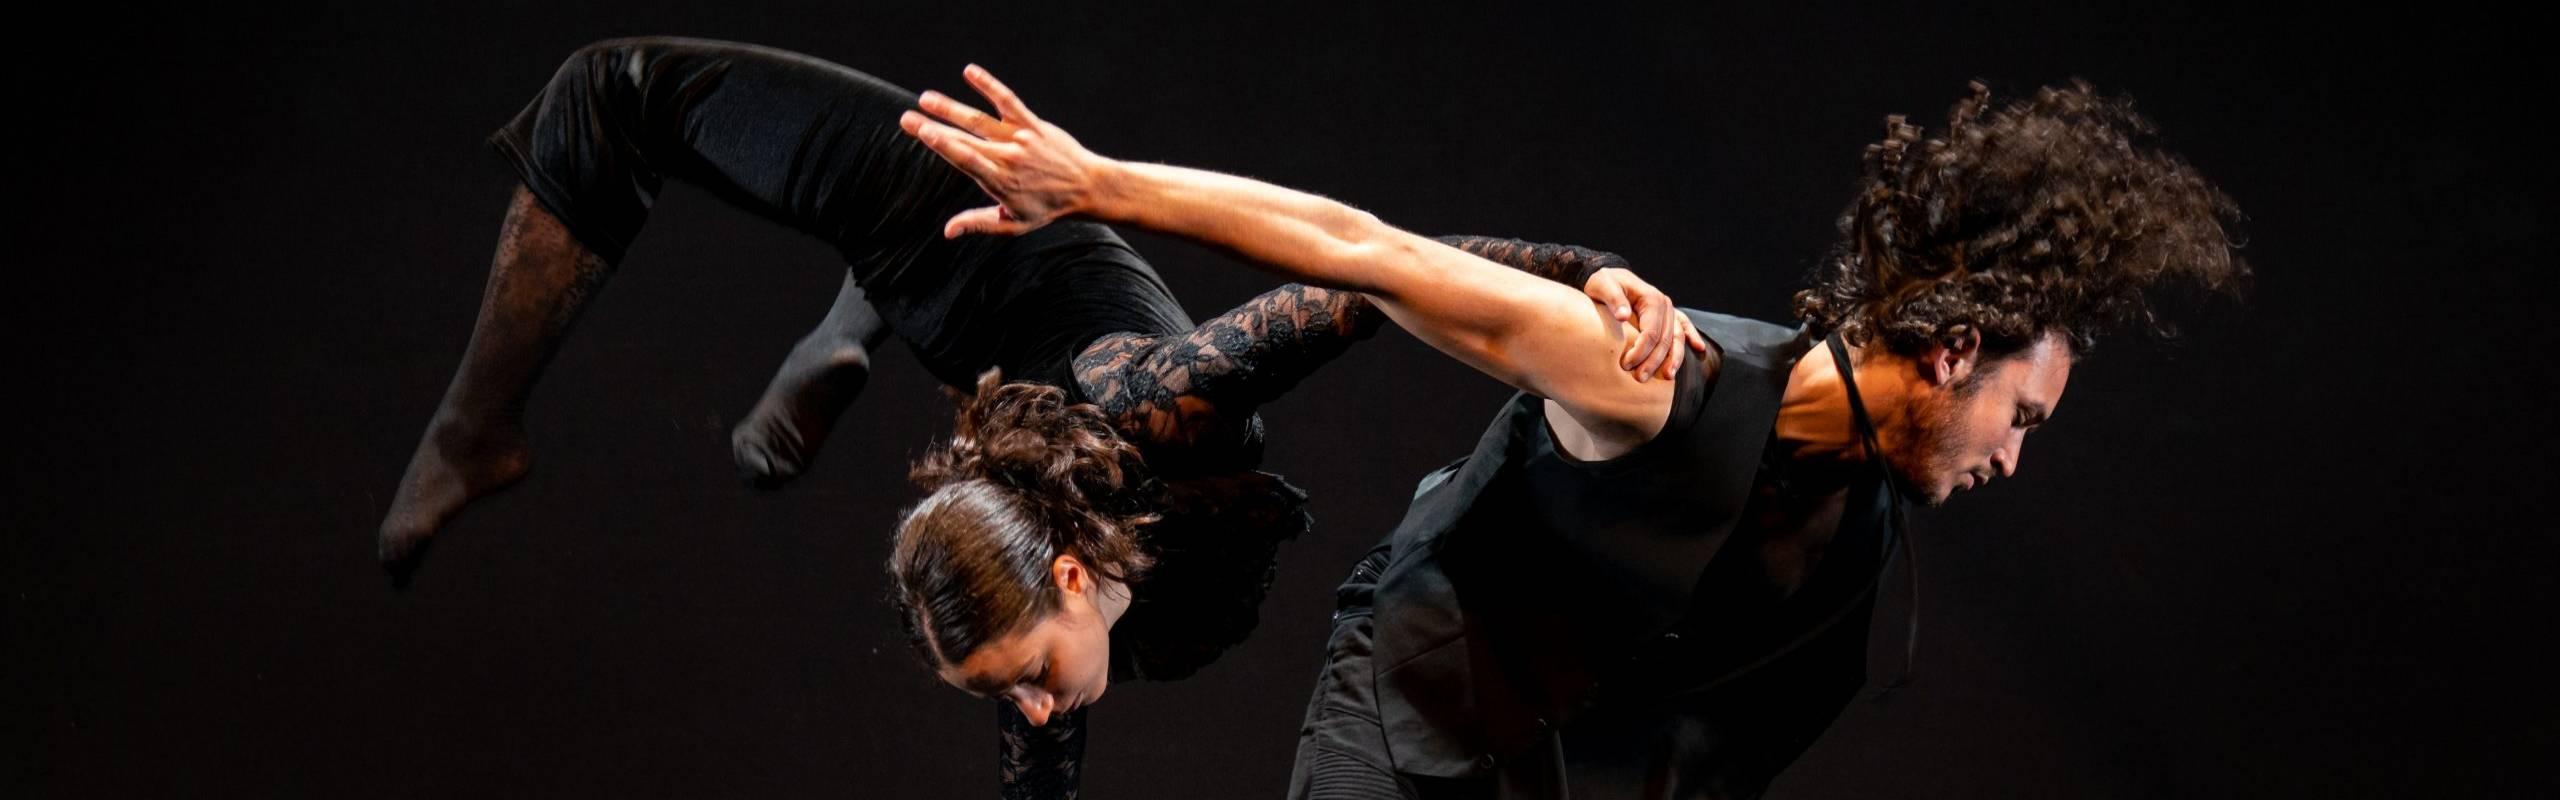 Black Box Theatre & Dance